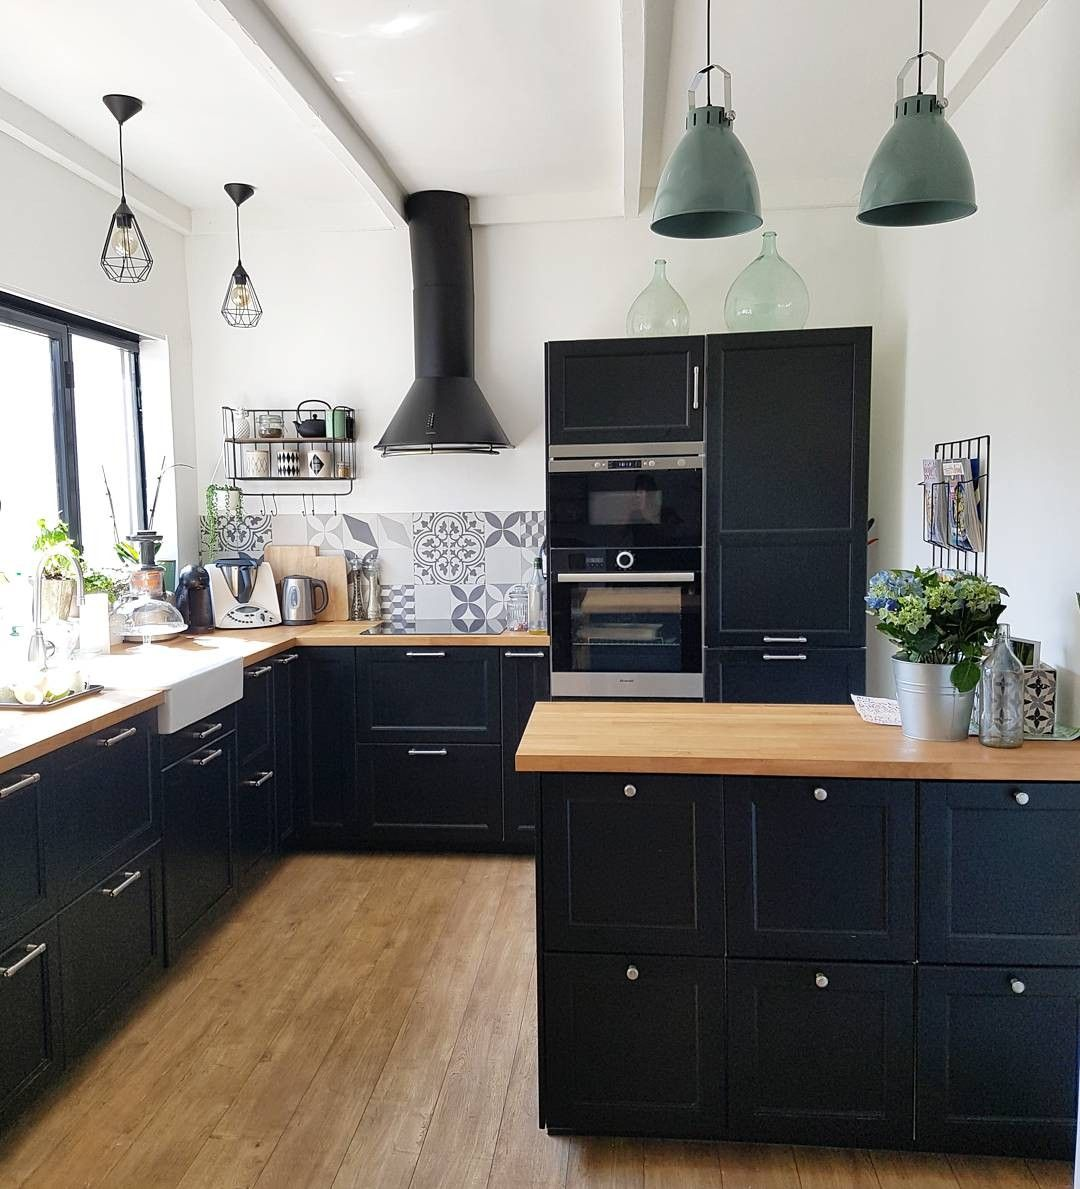 Cuisine En Bois Moderne 2019: Cuisine Ikea Laxarby Cuisine Noire Et Bois Esprit Bistro